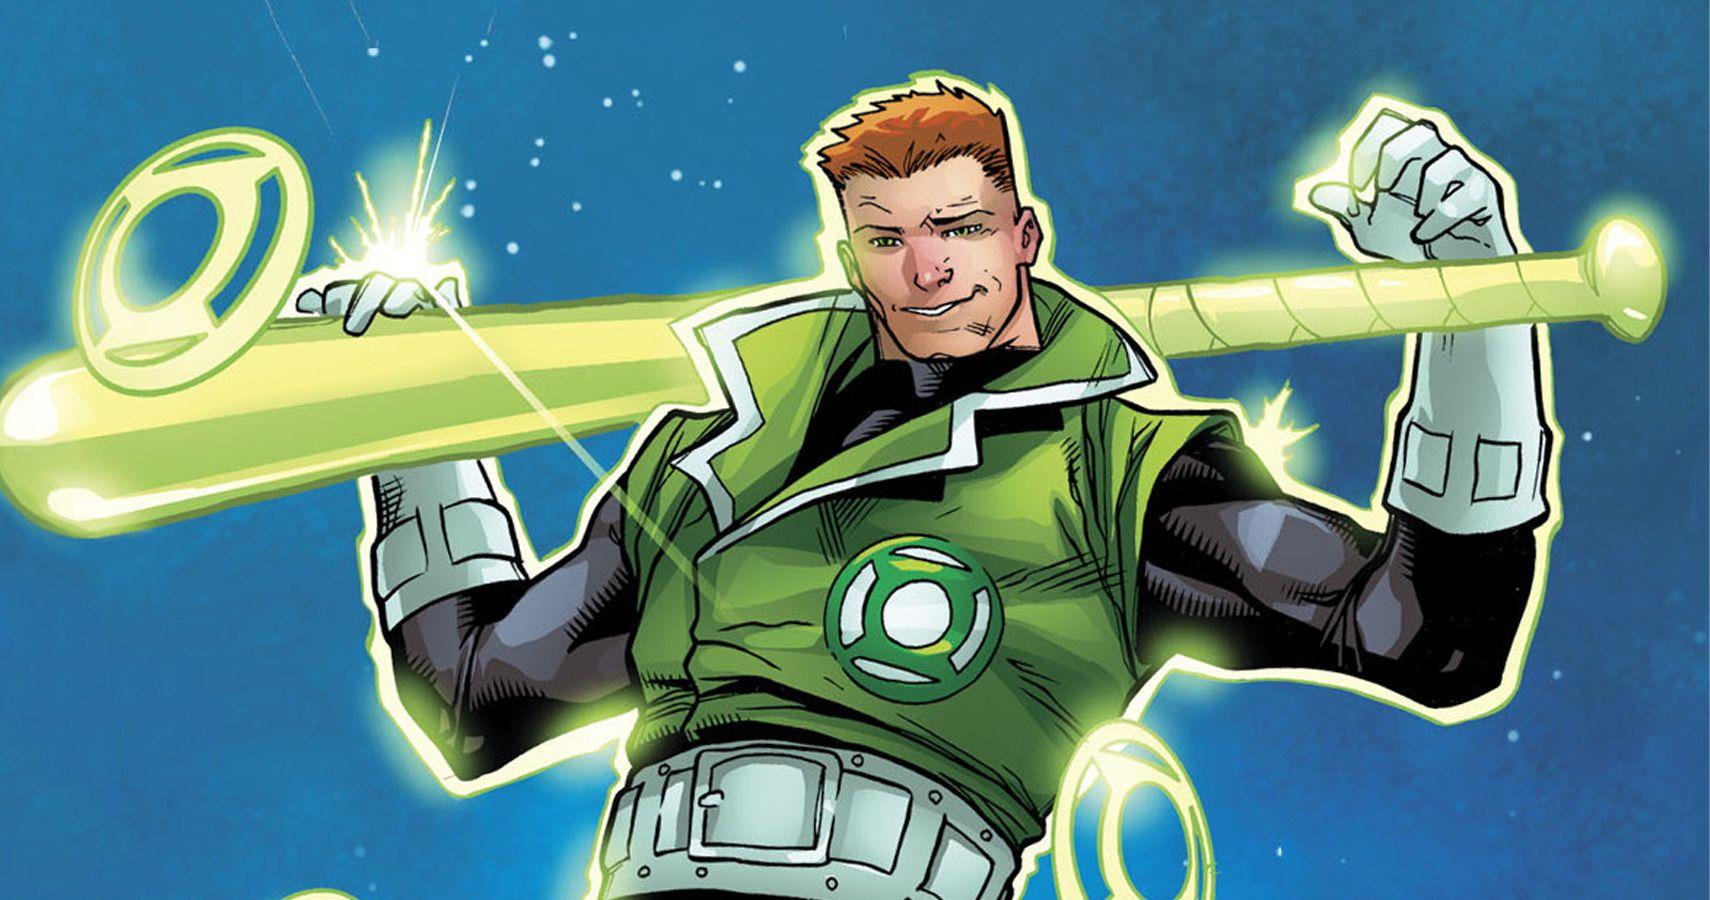 Revelados los protagonistas de la serie 'Green Lantern' | Super-ficcion.com